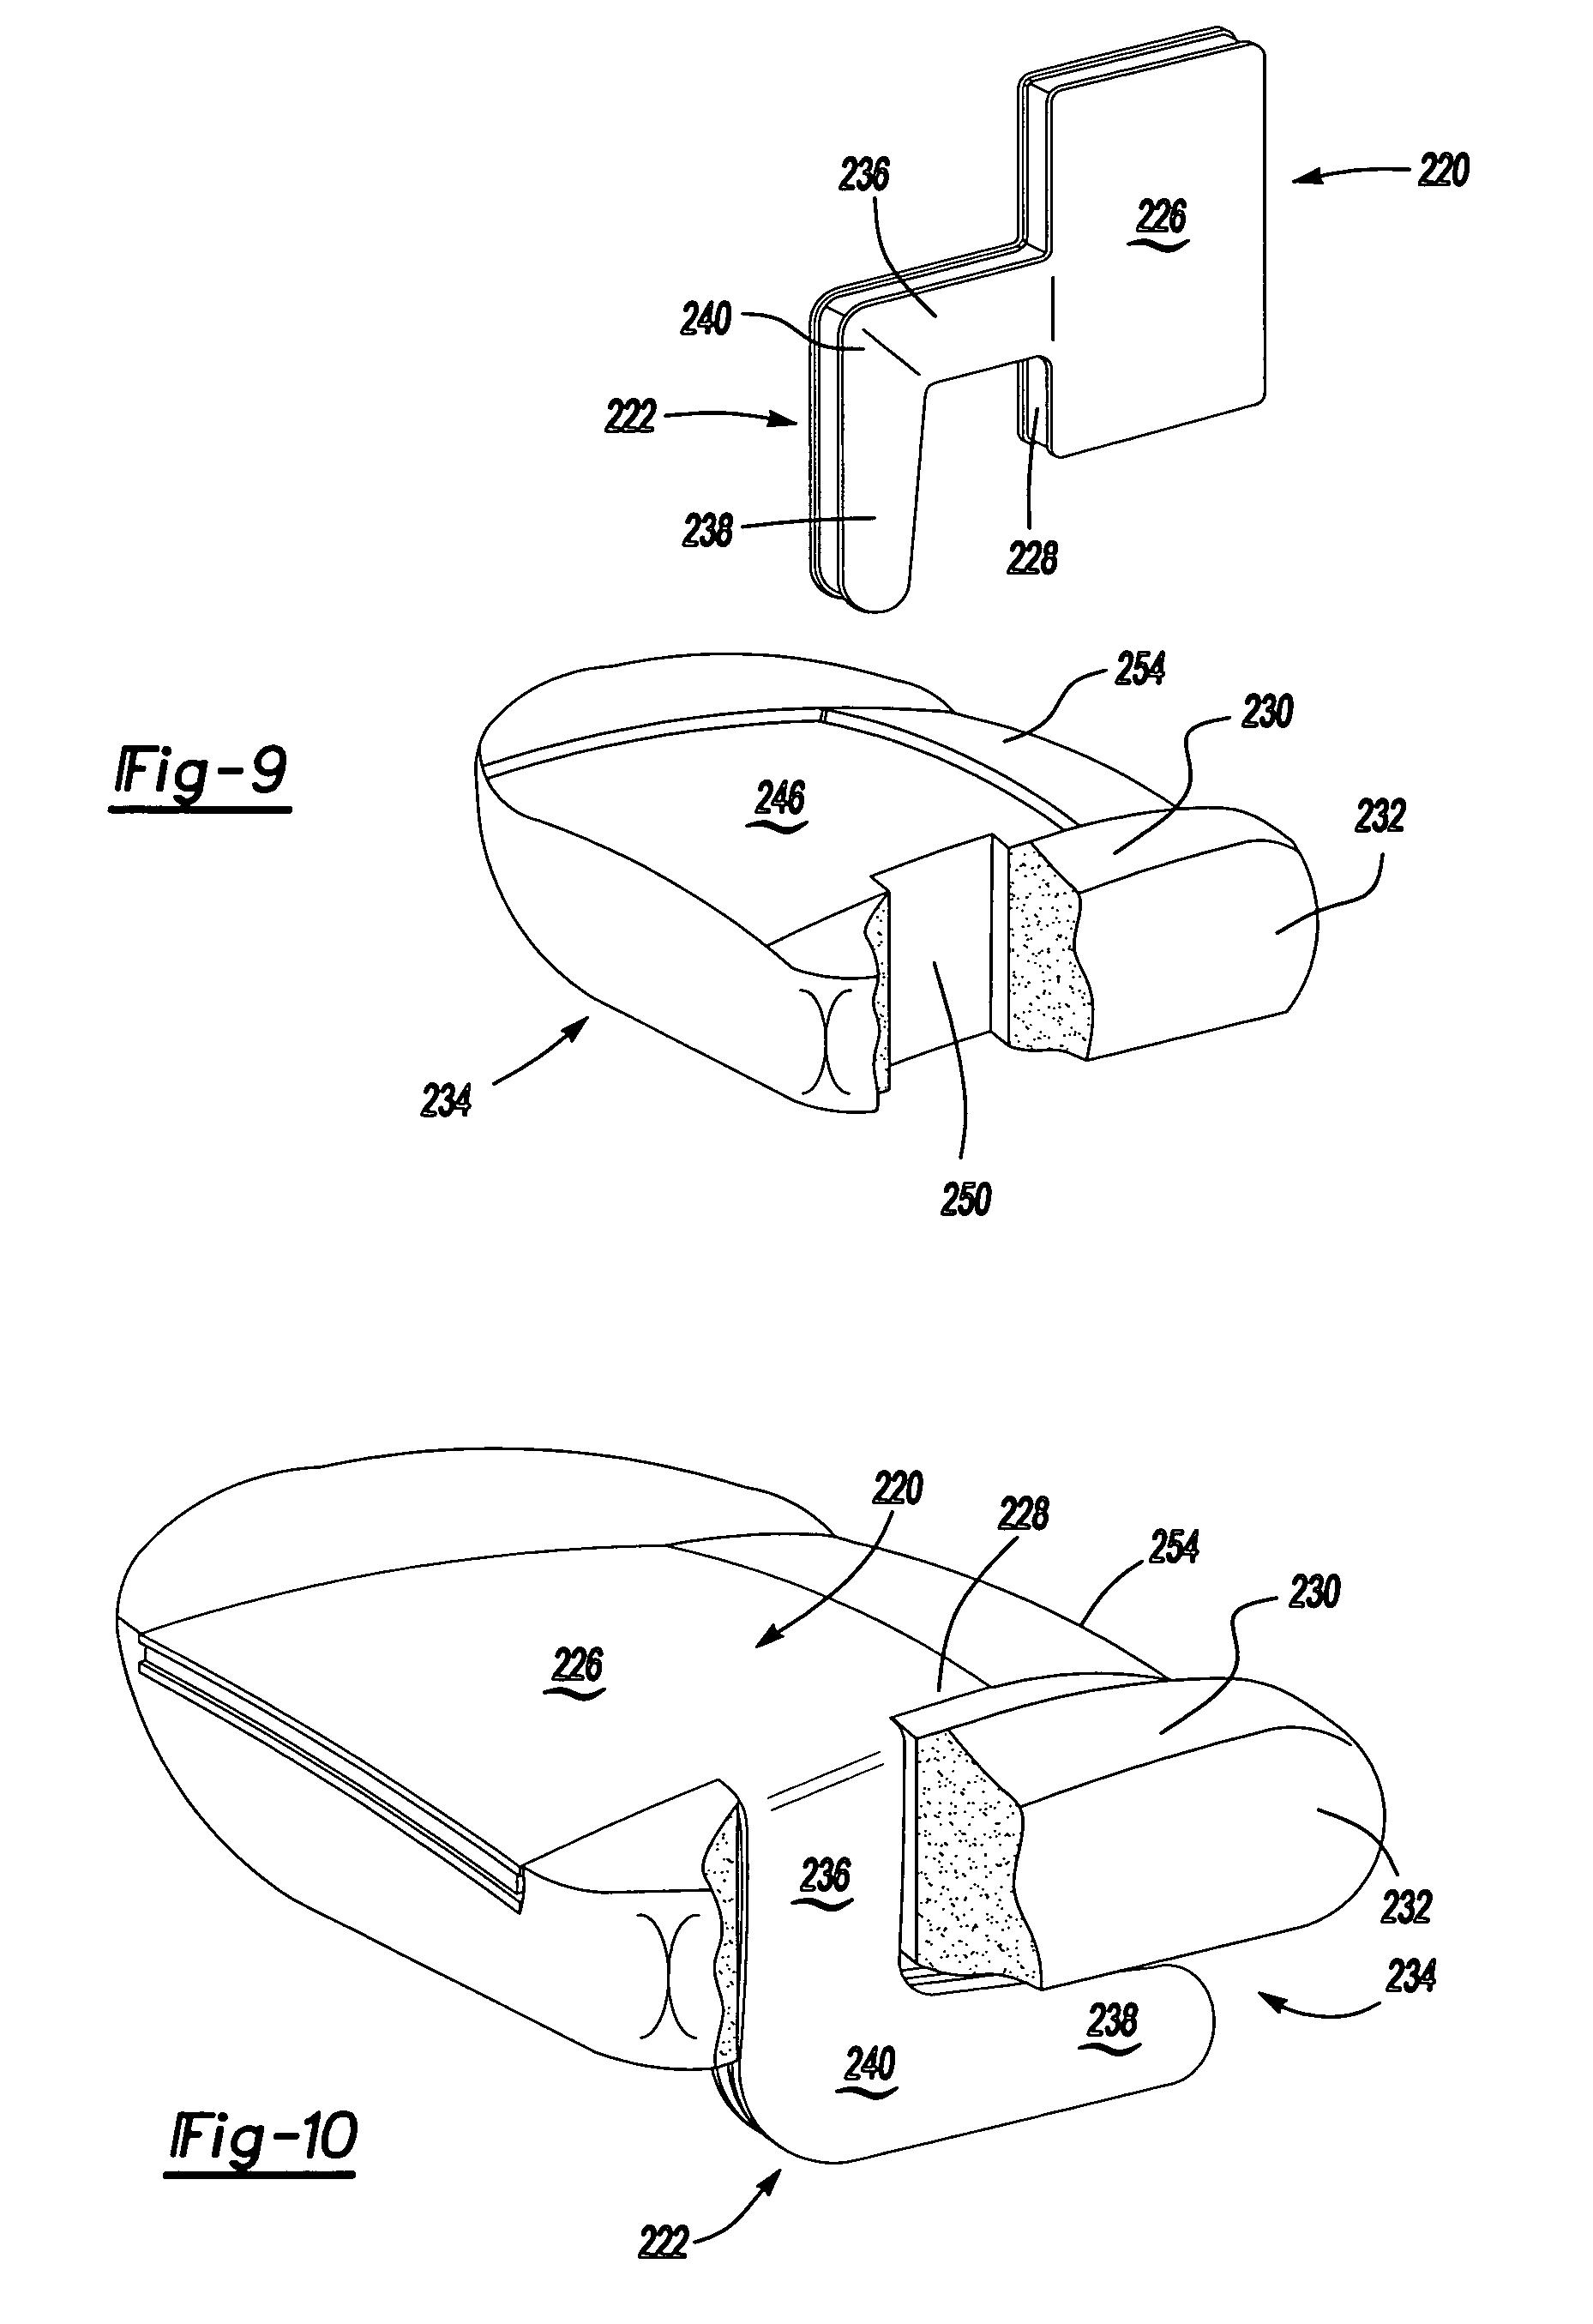 06 lincoln zephyr fuse diagram